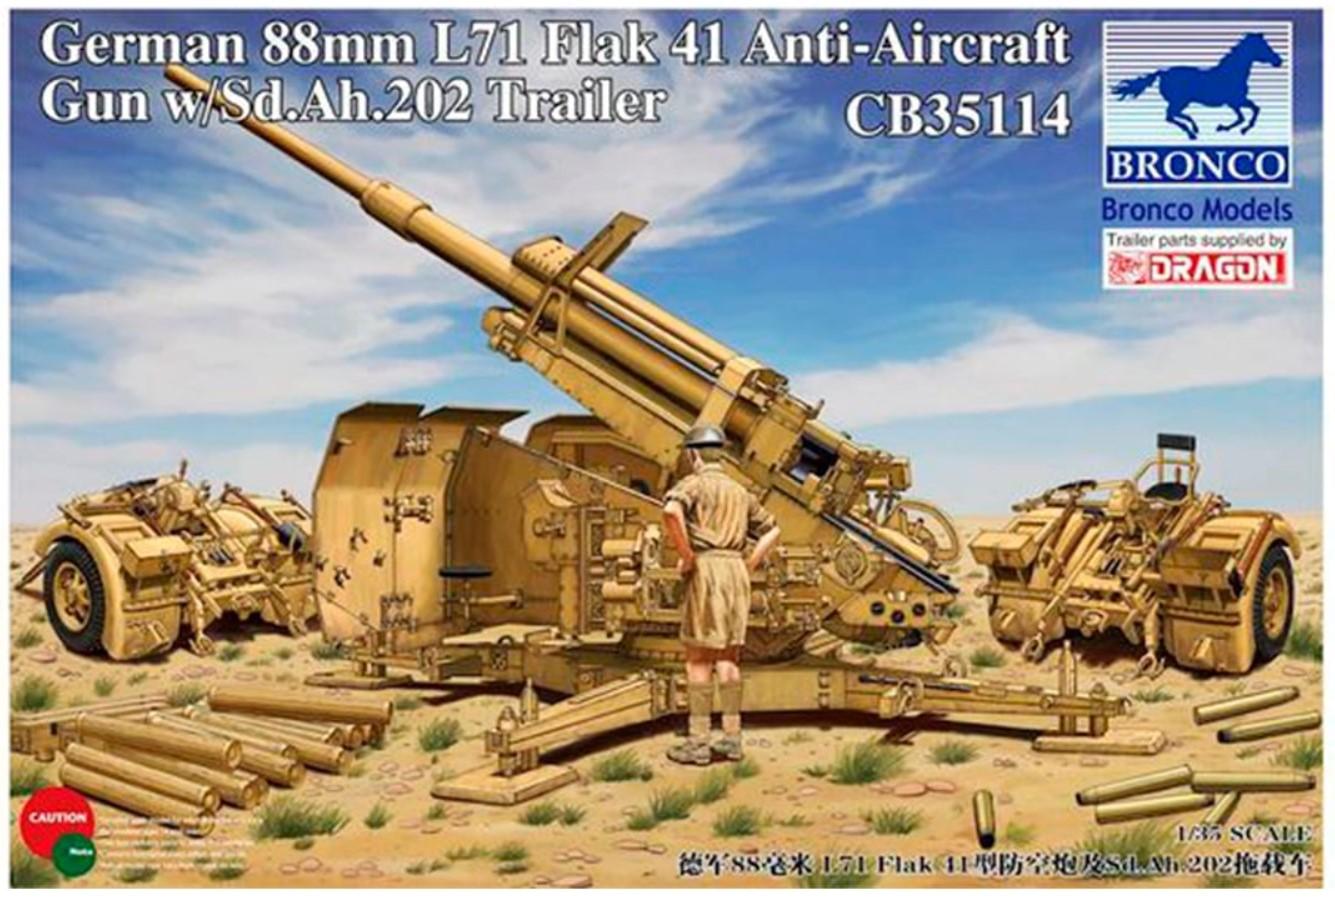 Bronco Models 1/35 German 88mm L71 Flak41 Anti-Aircraft Gun w/ Sd.Ah.202 Trailer